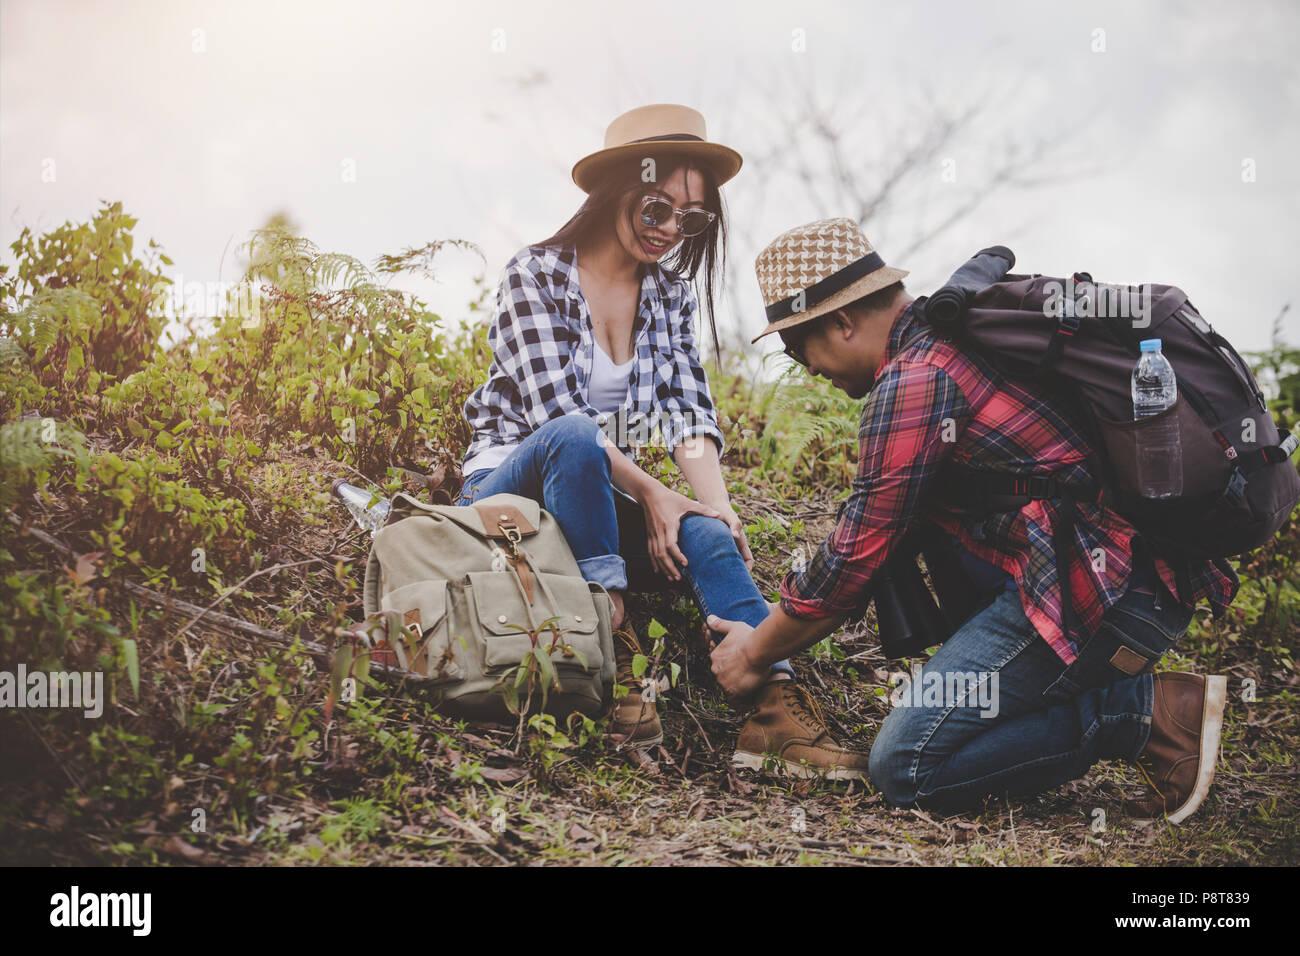 Jeune couple asiatique les voyageurs de blessure à la cheville de randonnée sur un fond vert, concept de randonnée. Photo Stock